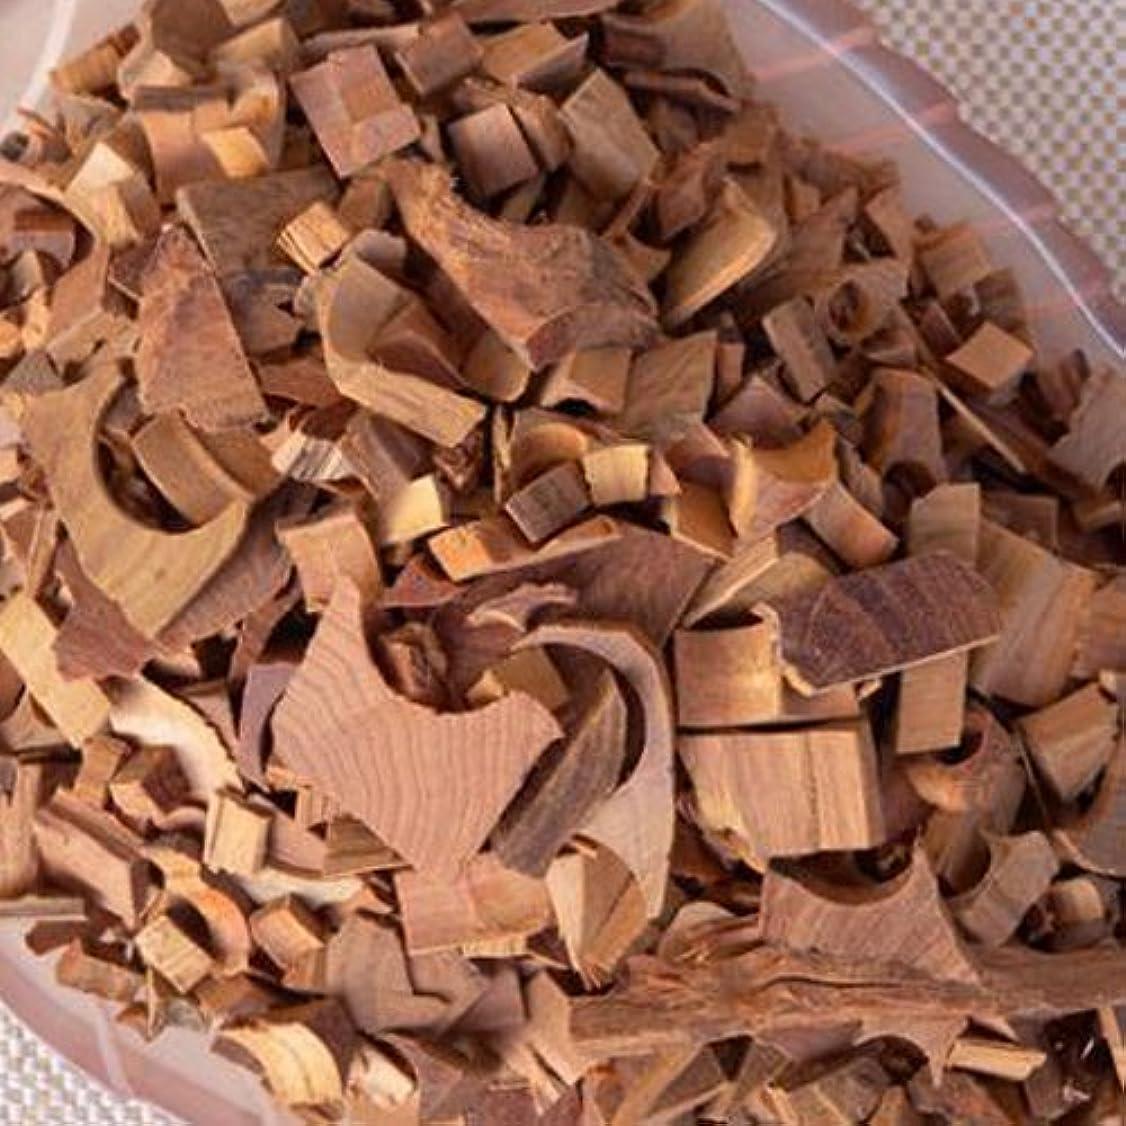 負特権的商業のNatural India Mysore Laoshan Sandalwood Chips aromatic Sandal Wood Chips Scent Rich For Aromatherapy Aroma Rich Resin Content